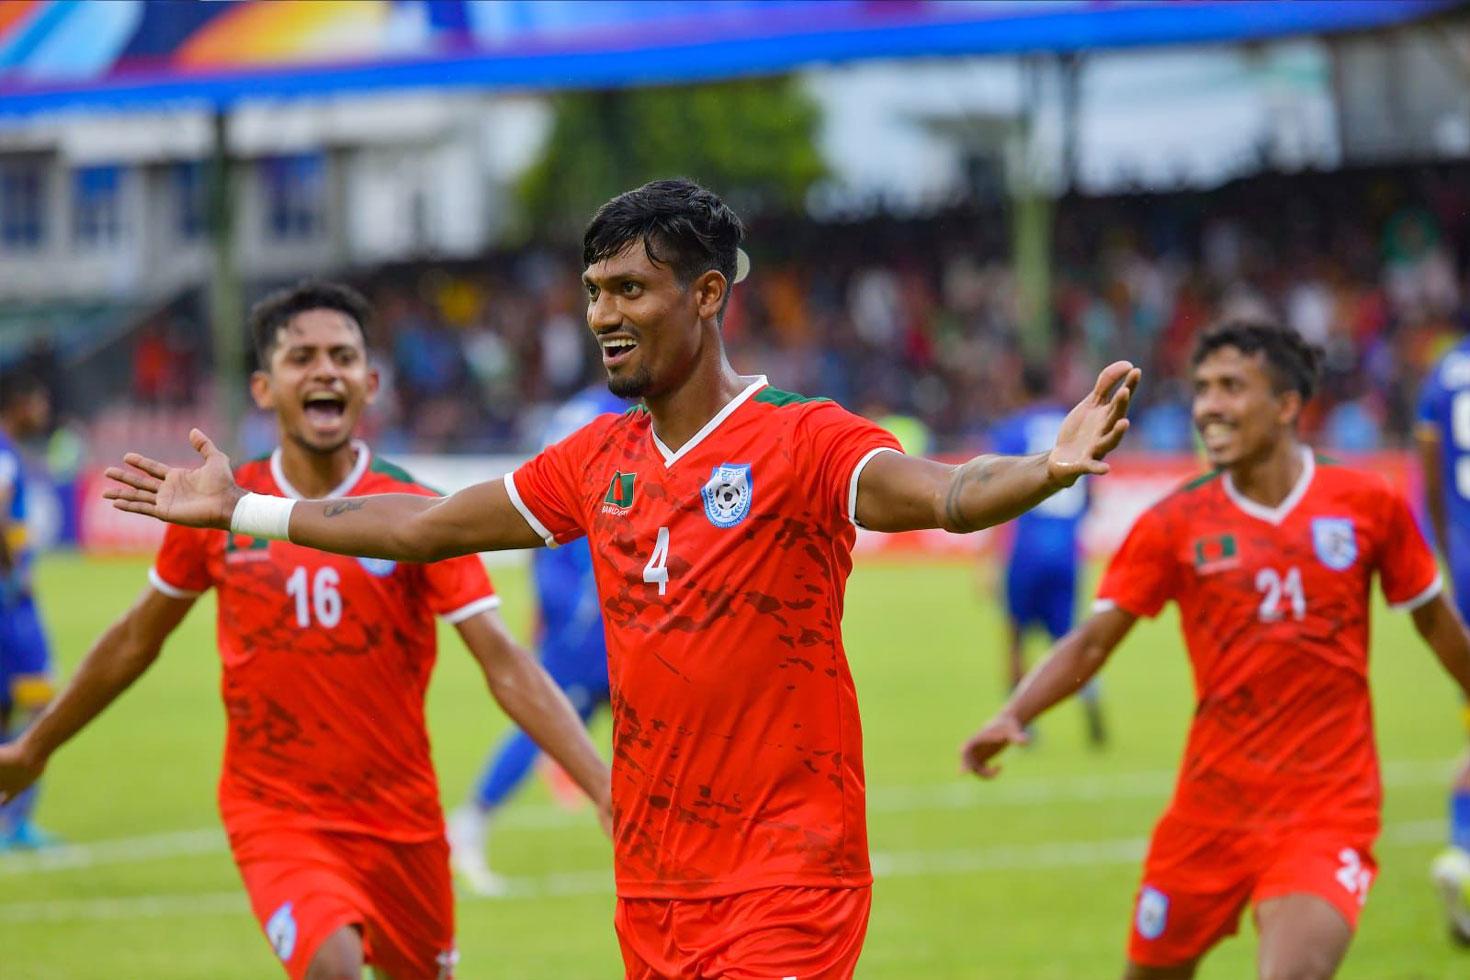 সাফ নয়, বিশ্বকাপ বাছাইয়ের গোলটিকে সেরা মানছেন তপু